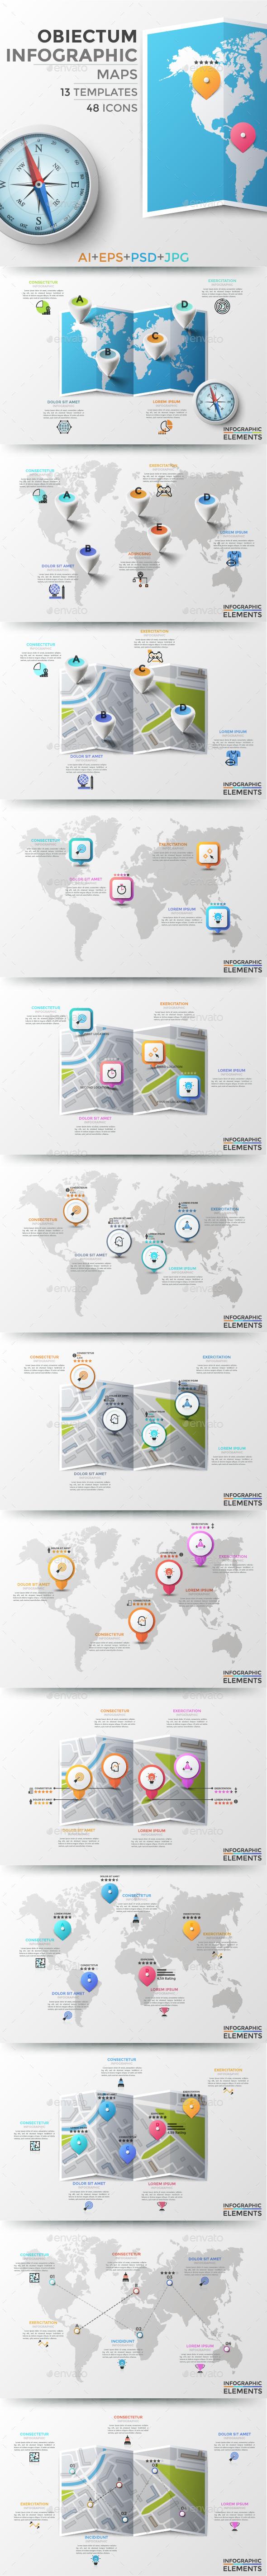 GraphicRiver Obiectum Infographic Maps 21105007